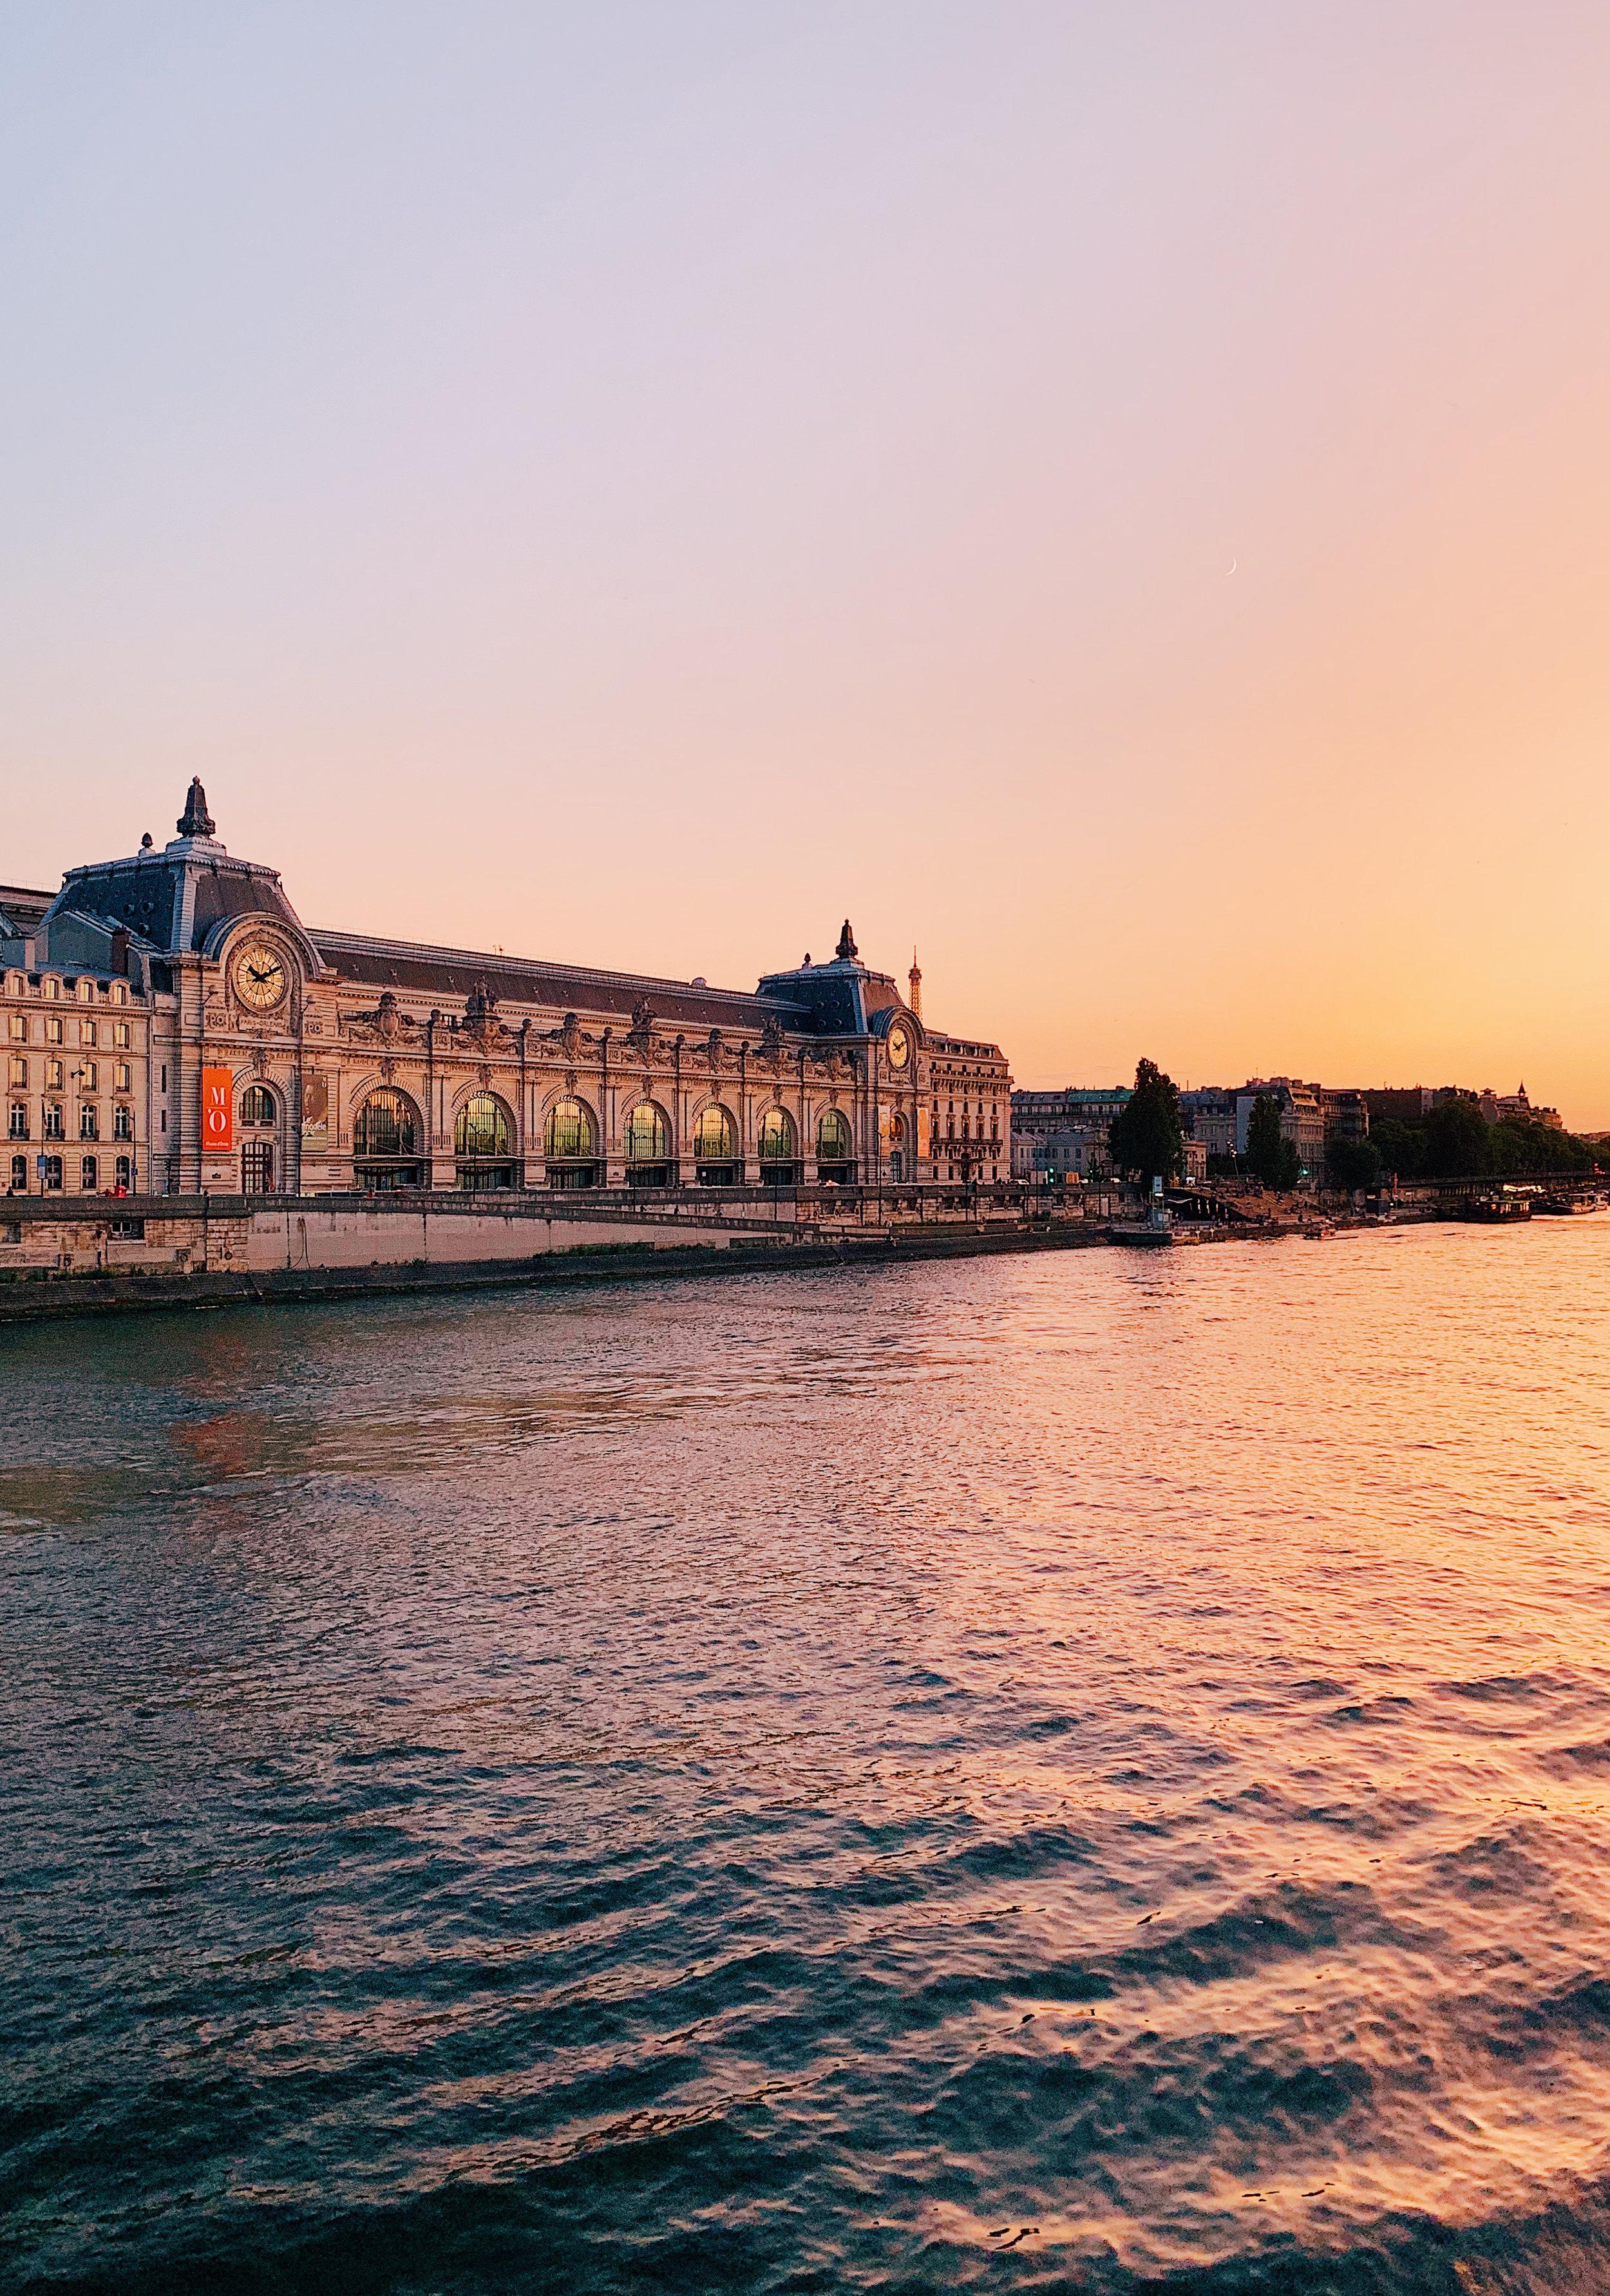 Paris 17 Sunset Over the Siene.jpg